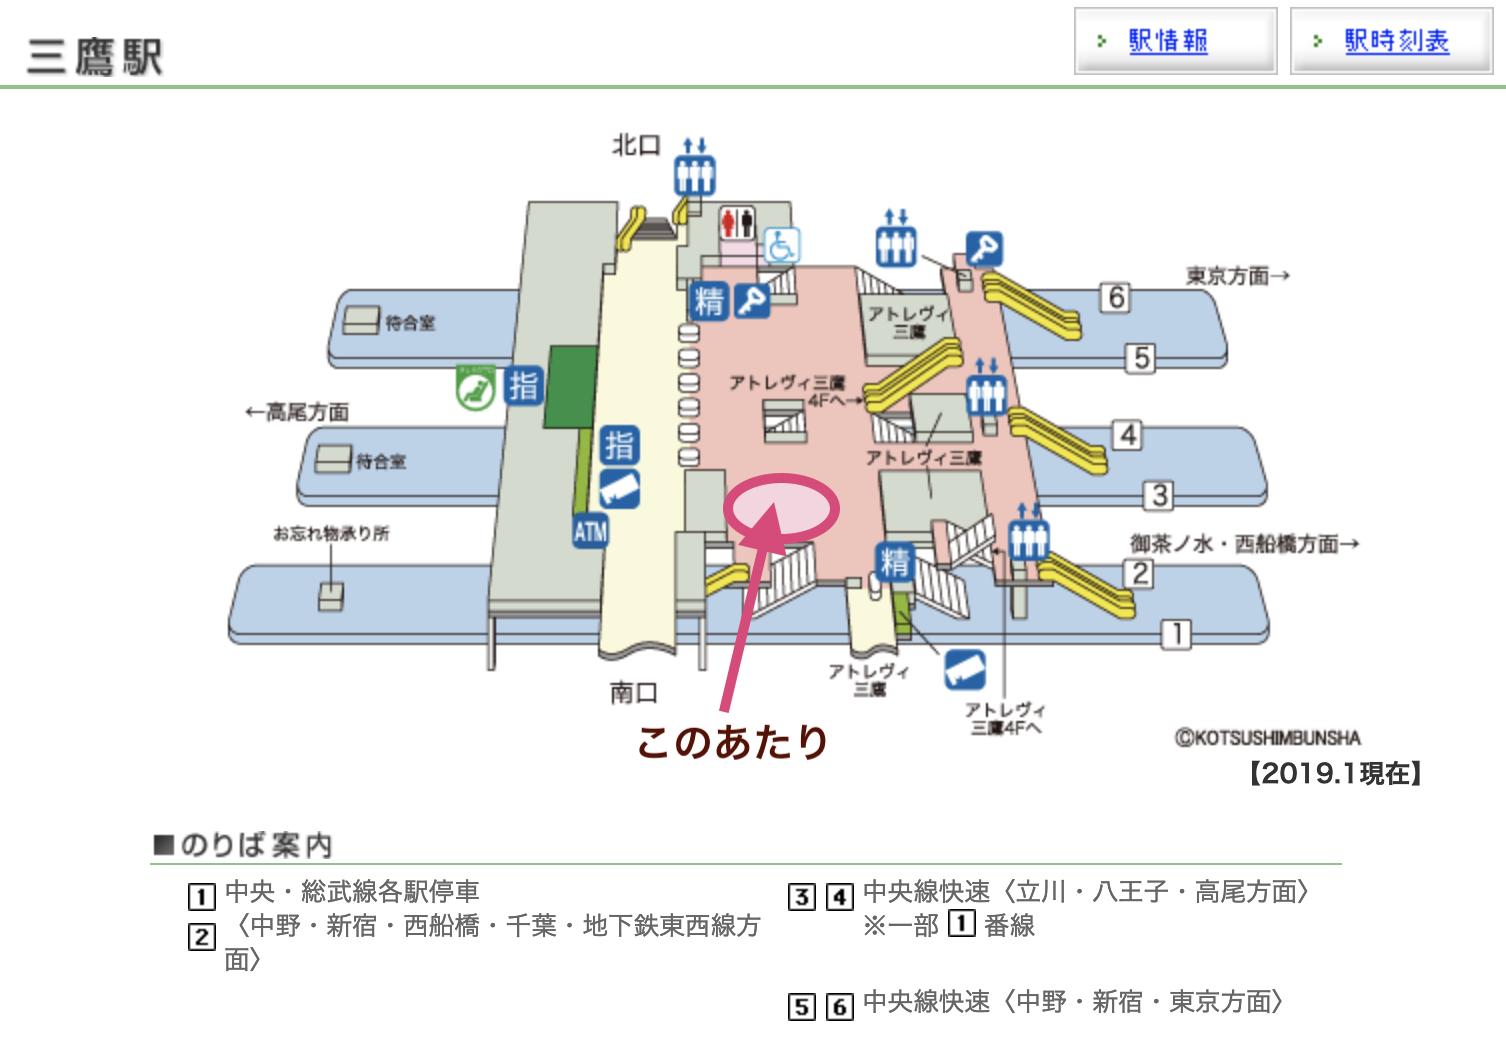 JR東日本:駅構内図(三鷹駅)